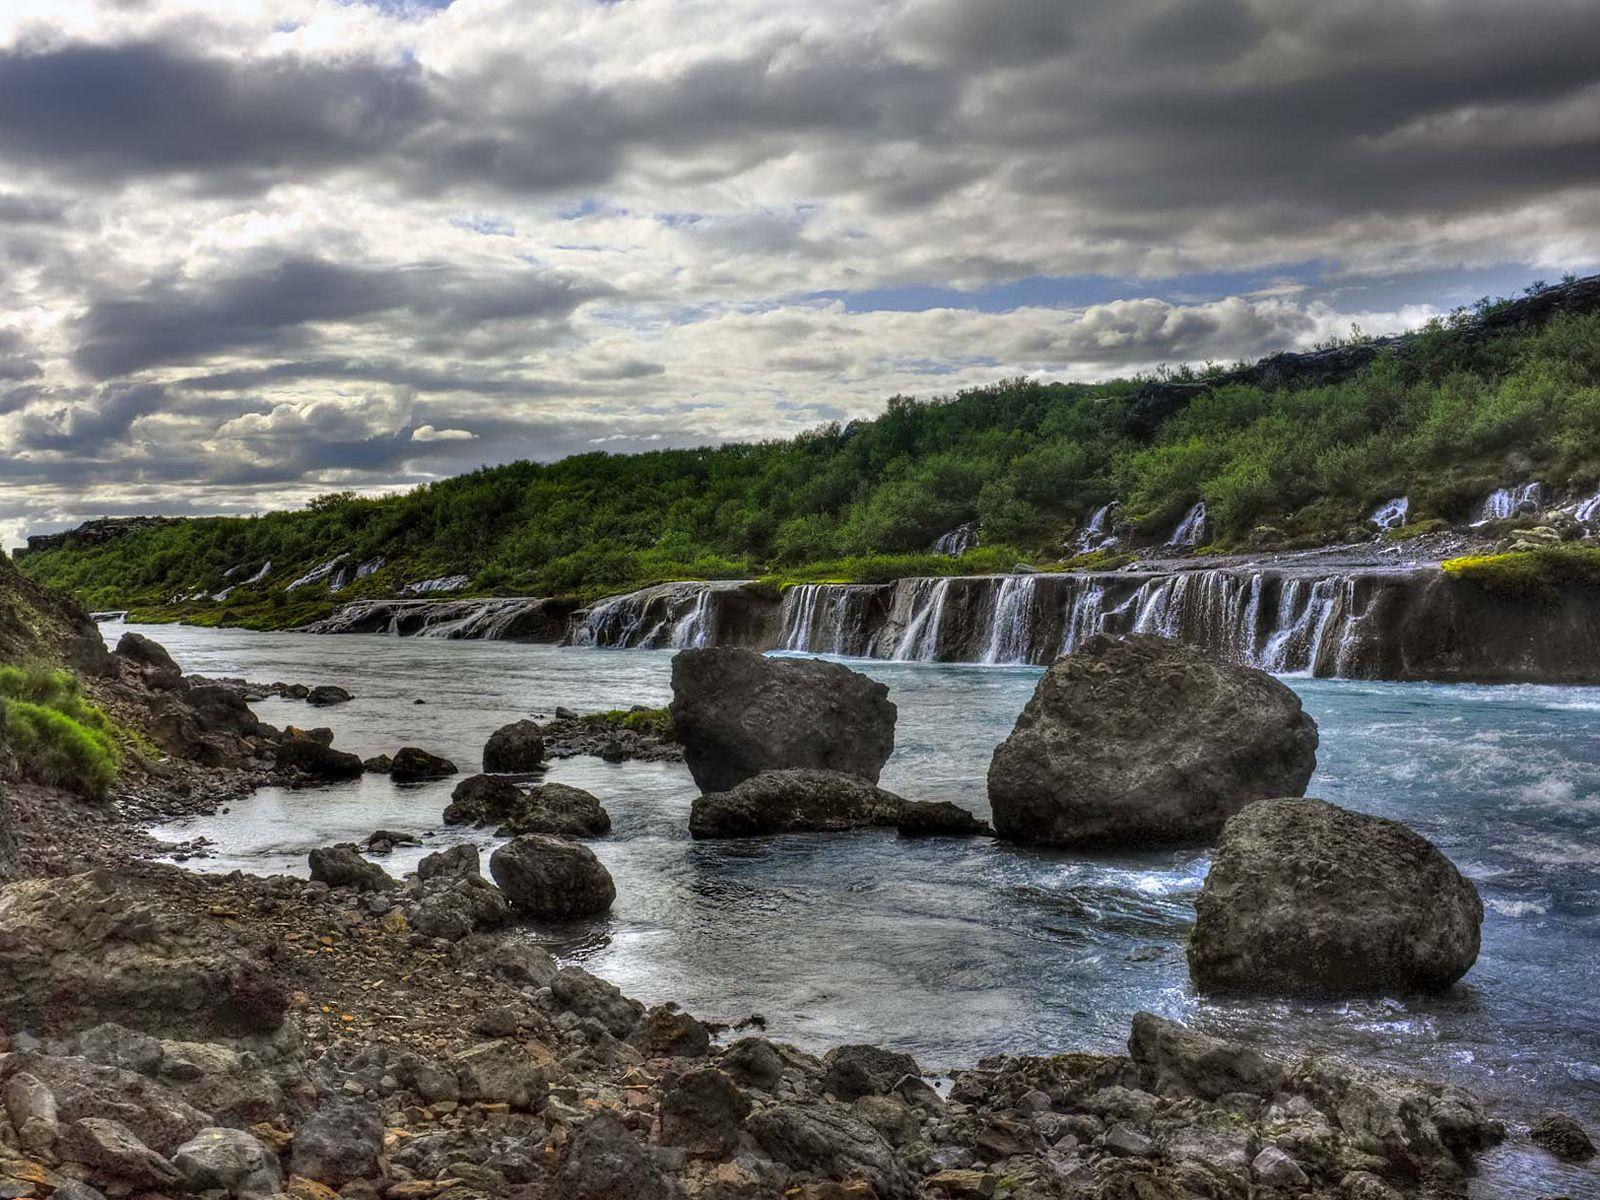 Водопад Храунфоссар на берегу